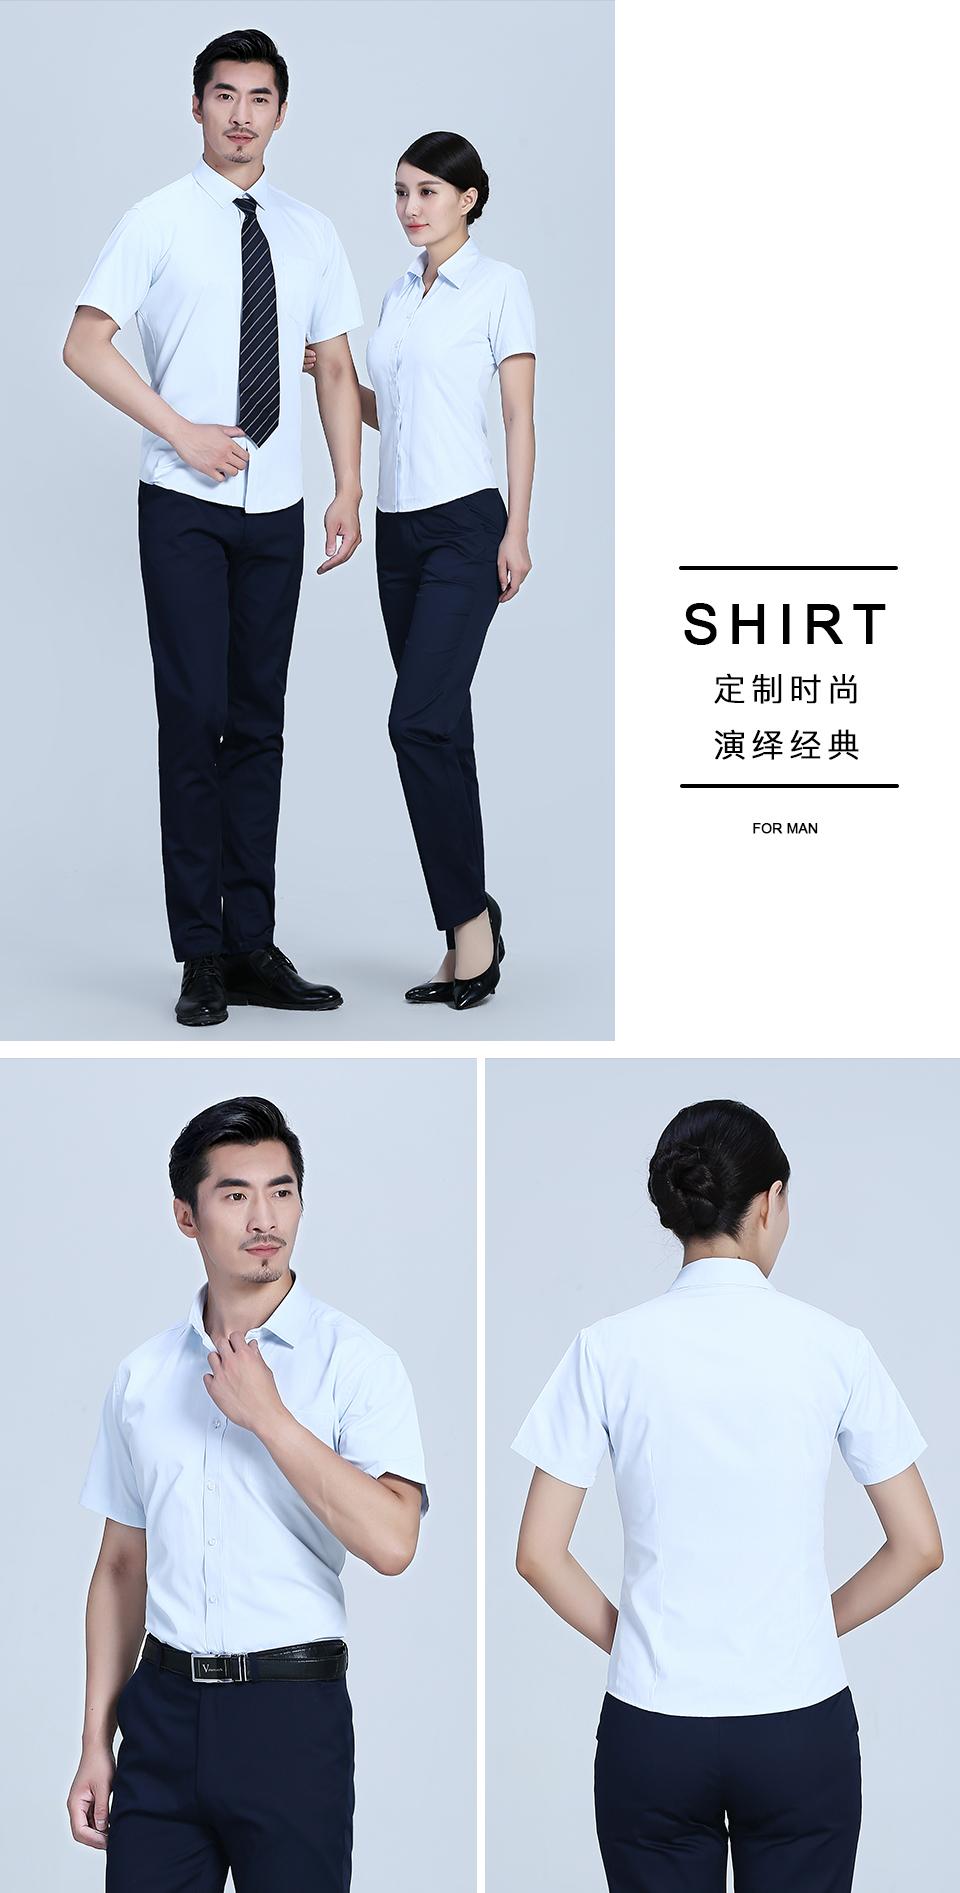 2019新款白色衬衫男蓝白商务短袖衬衫